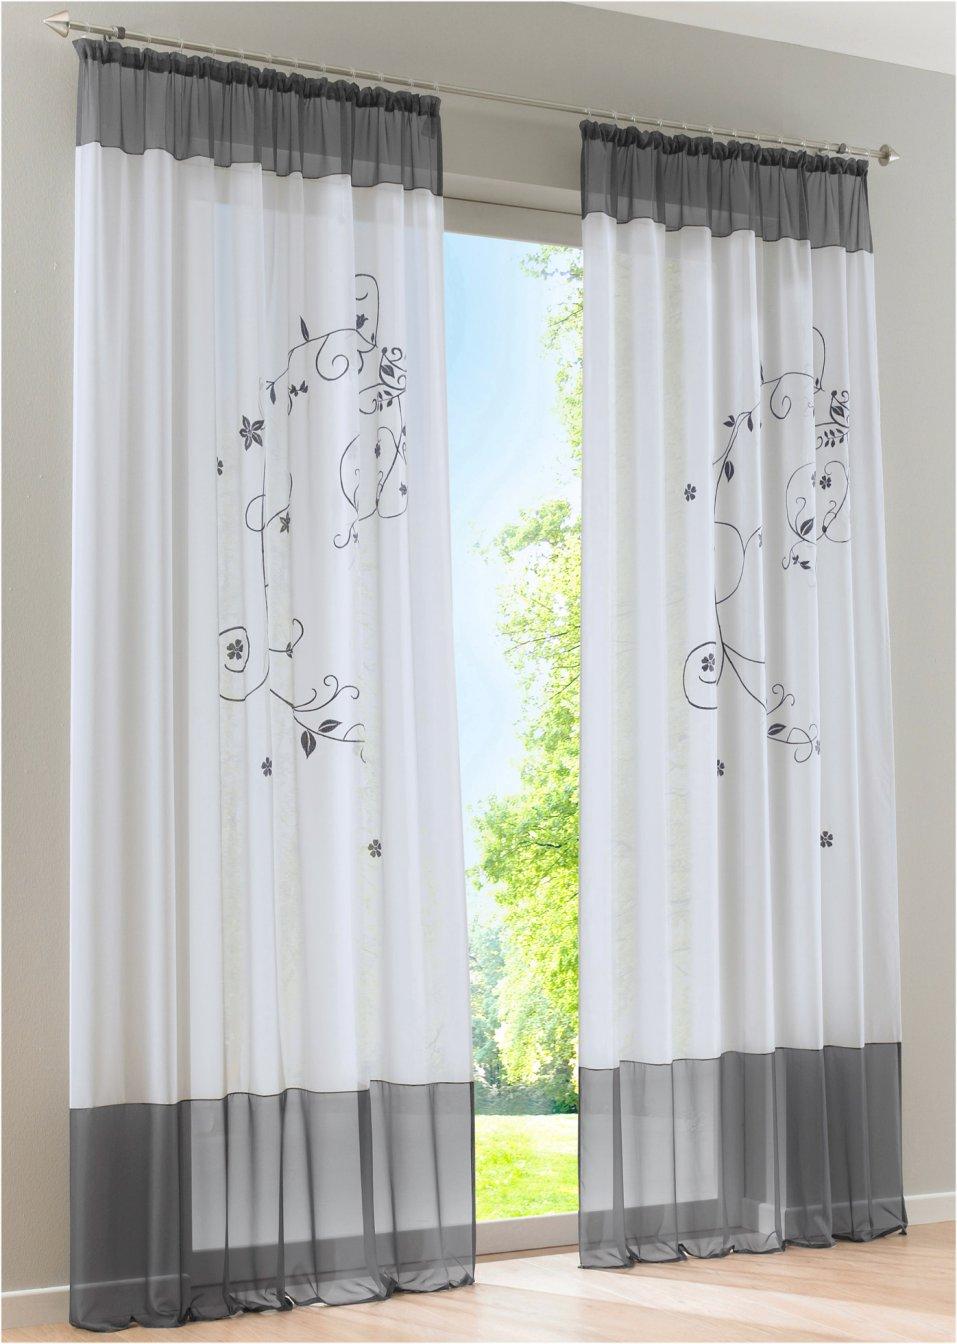 voilage sandy galon fronceur gris bpc living commande online. Black Bedroom Furniture Sets. Home Design Ideas